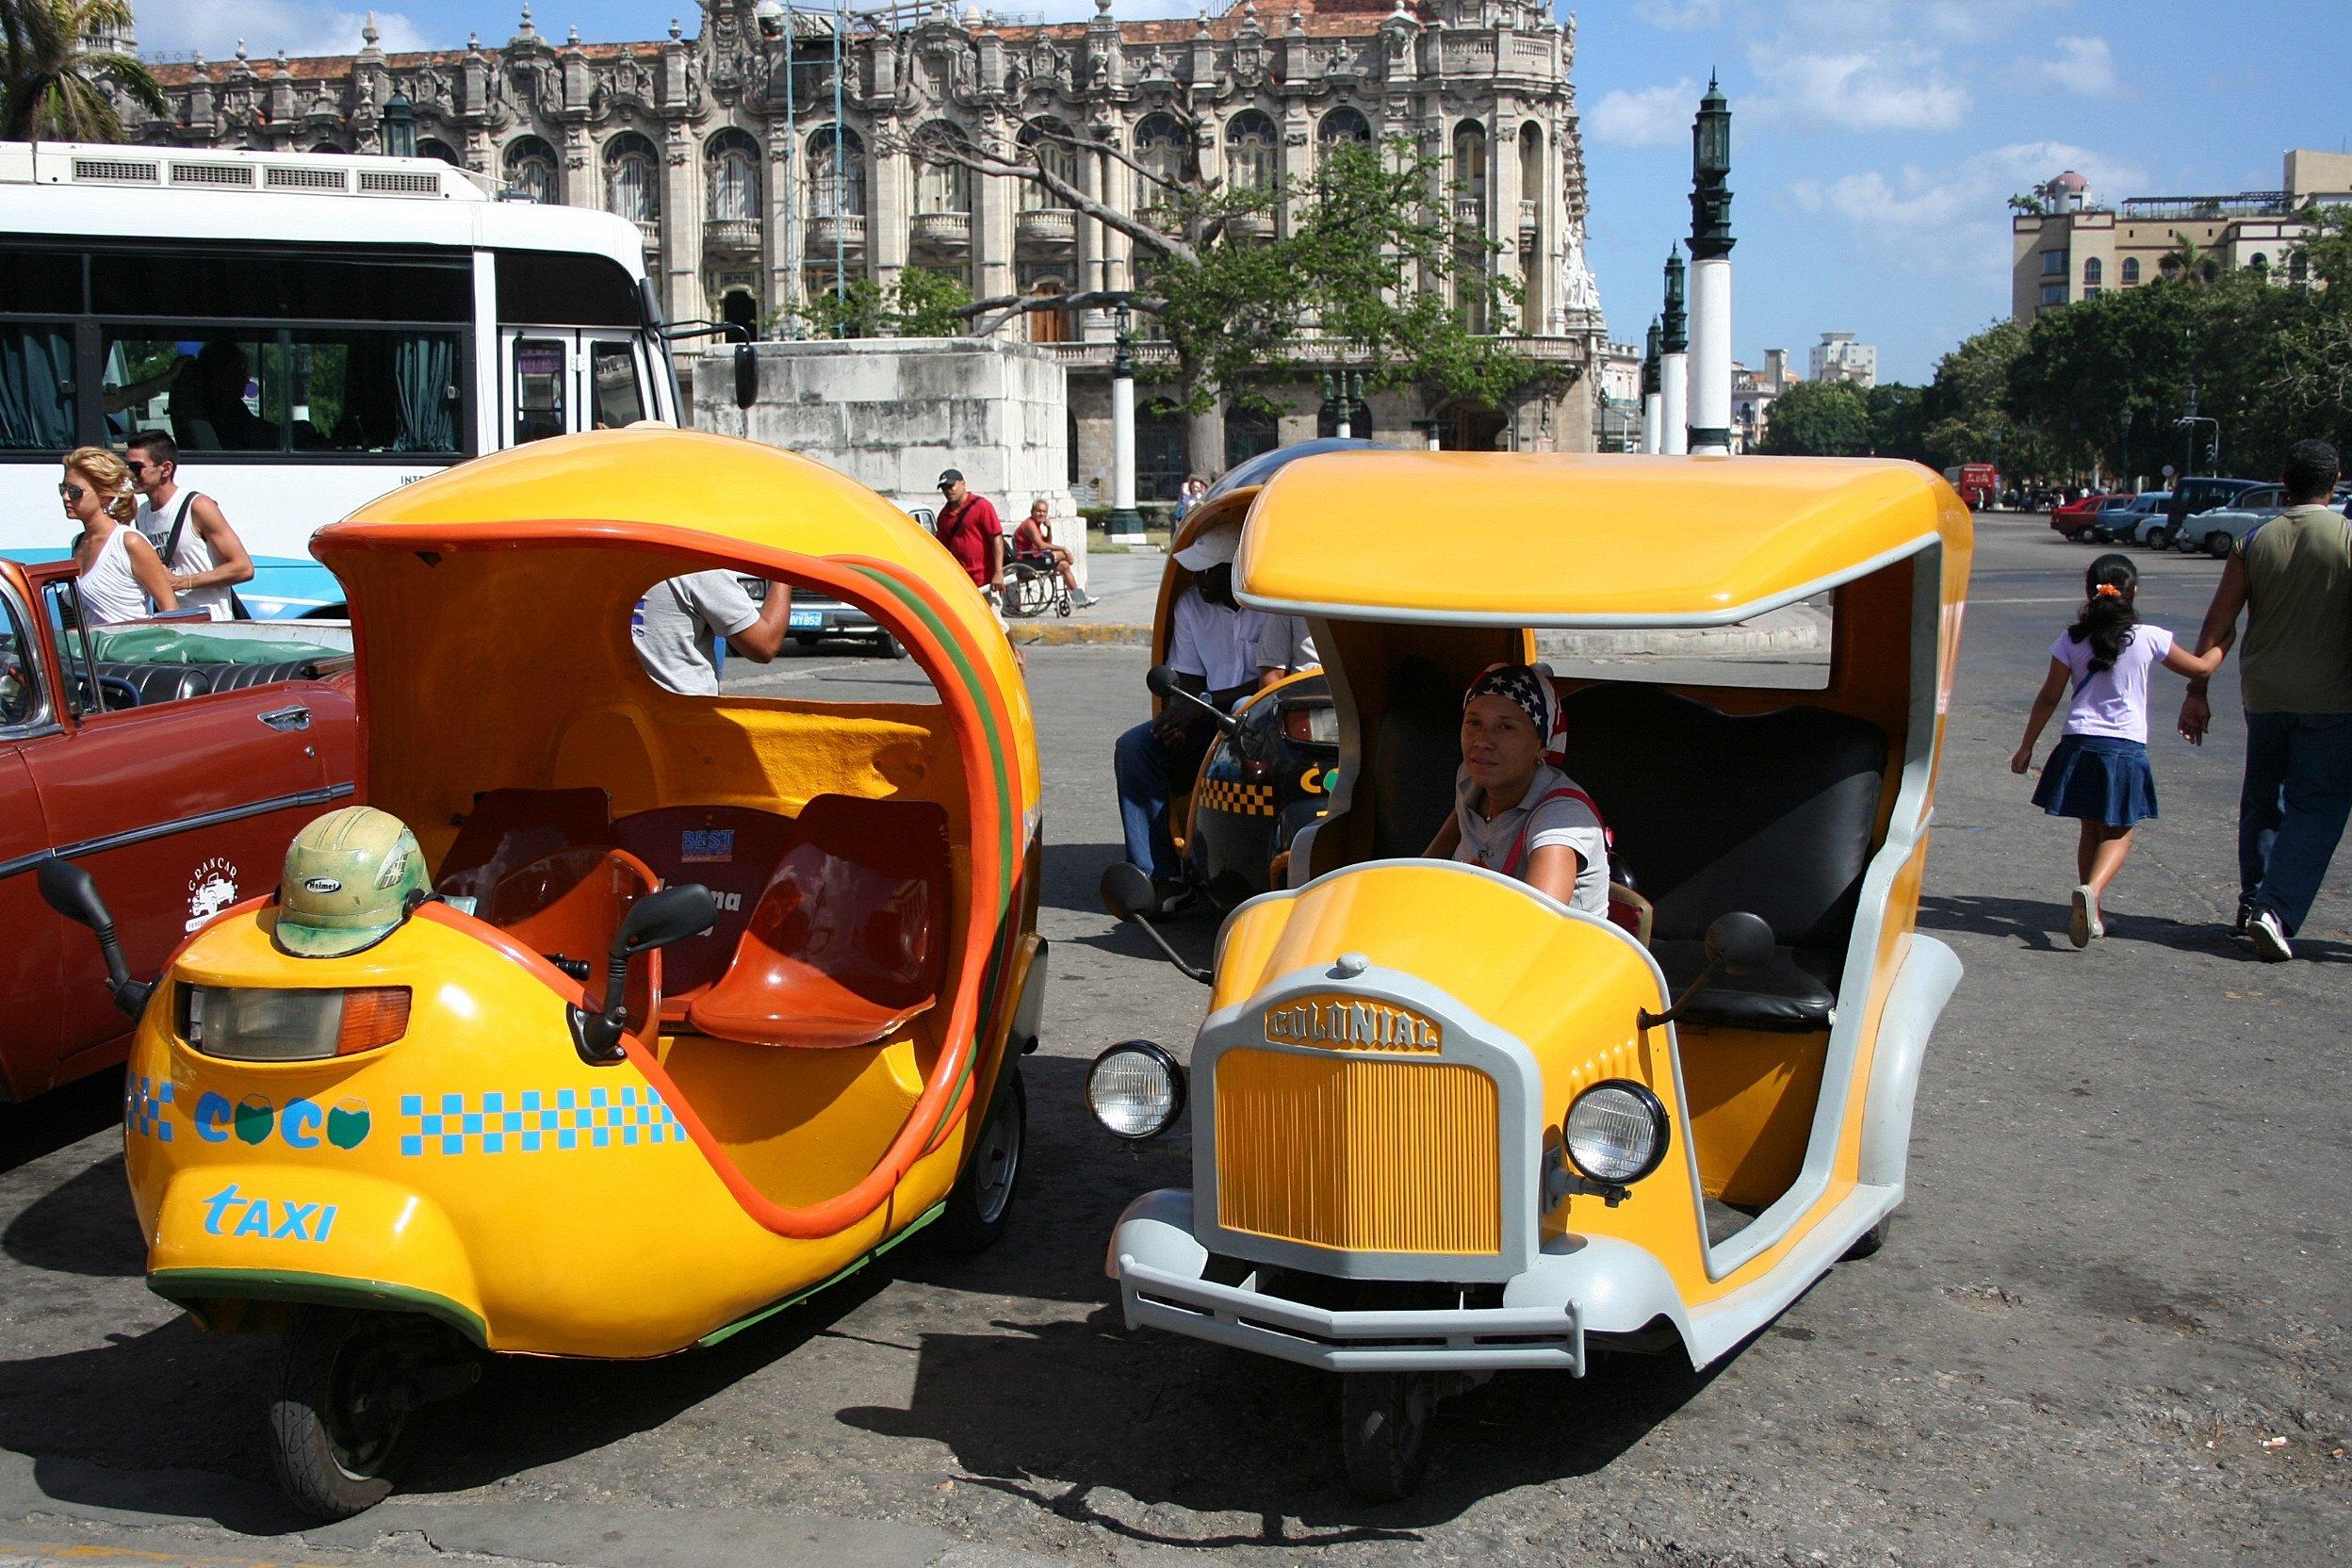 Quanto costa prendere il taxi a L'Havana